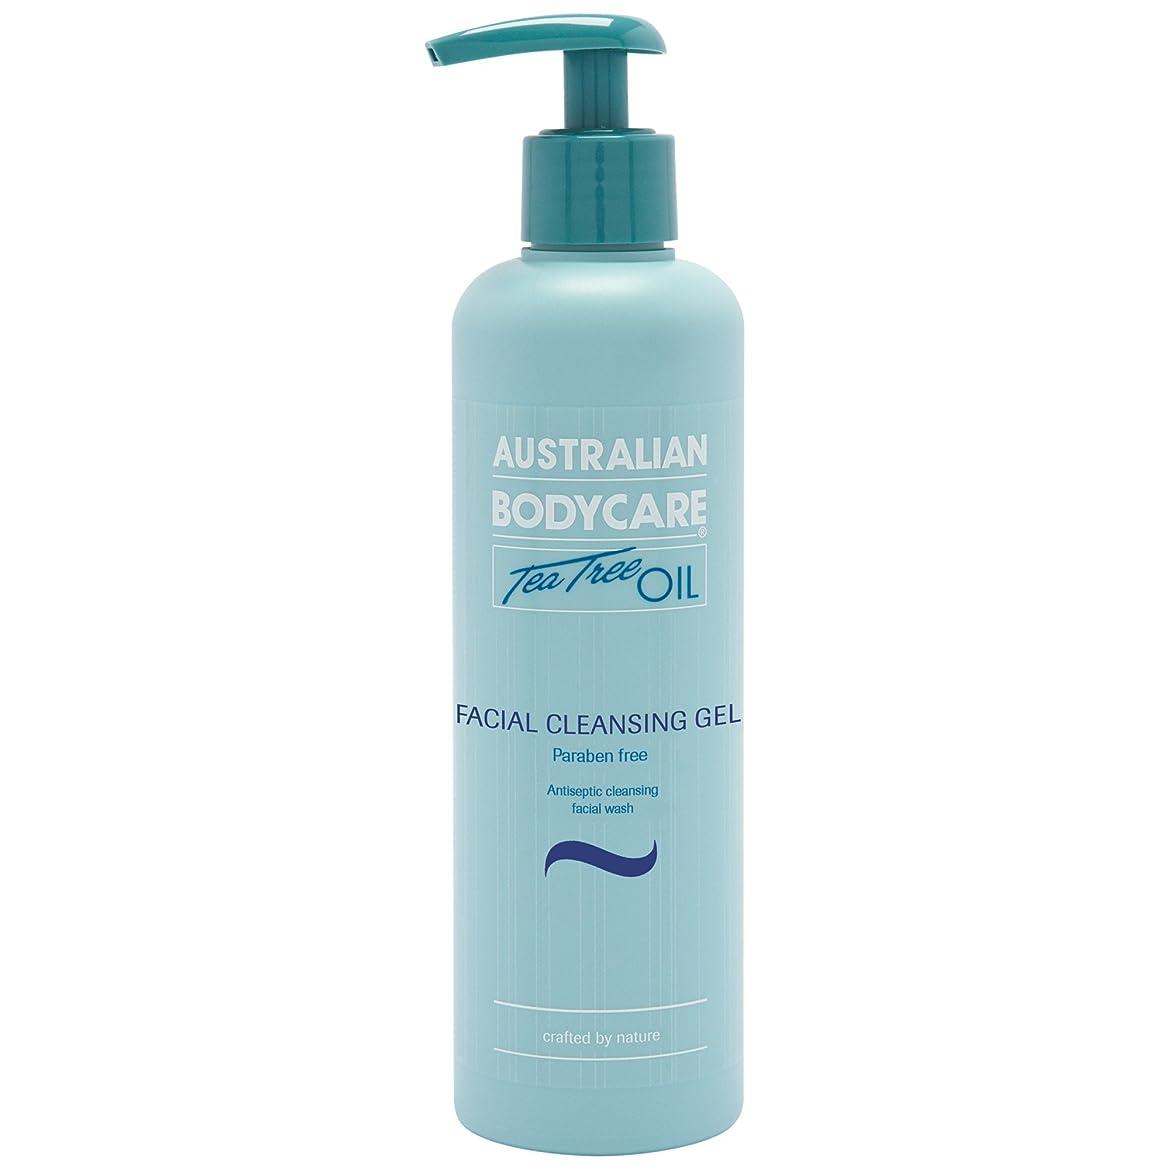 降雨まばたき深さオーストラリアのボディーケアティーツリーオイル洗顔ゲル250ミリリットル (Australian Bodycare) (x6) - Australian Bodycare Tea Tree Oil Facial Cleansing Gel 250ml (Pack of 6) [並行輸入品]